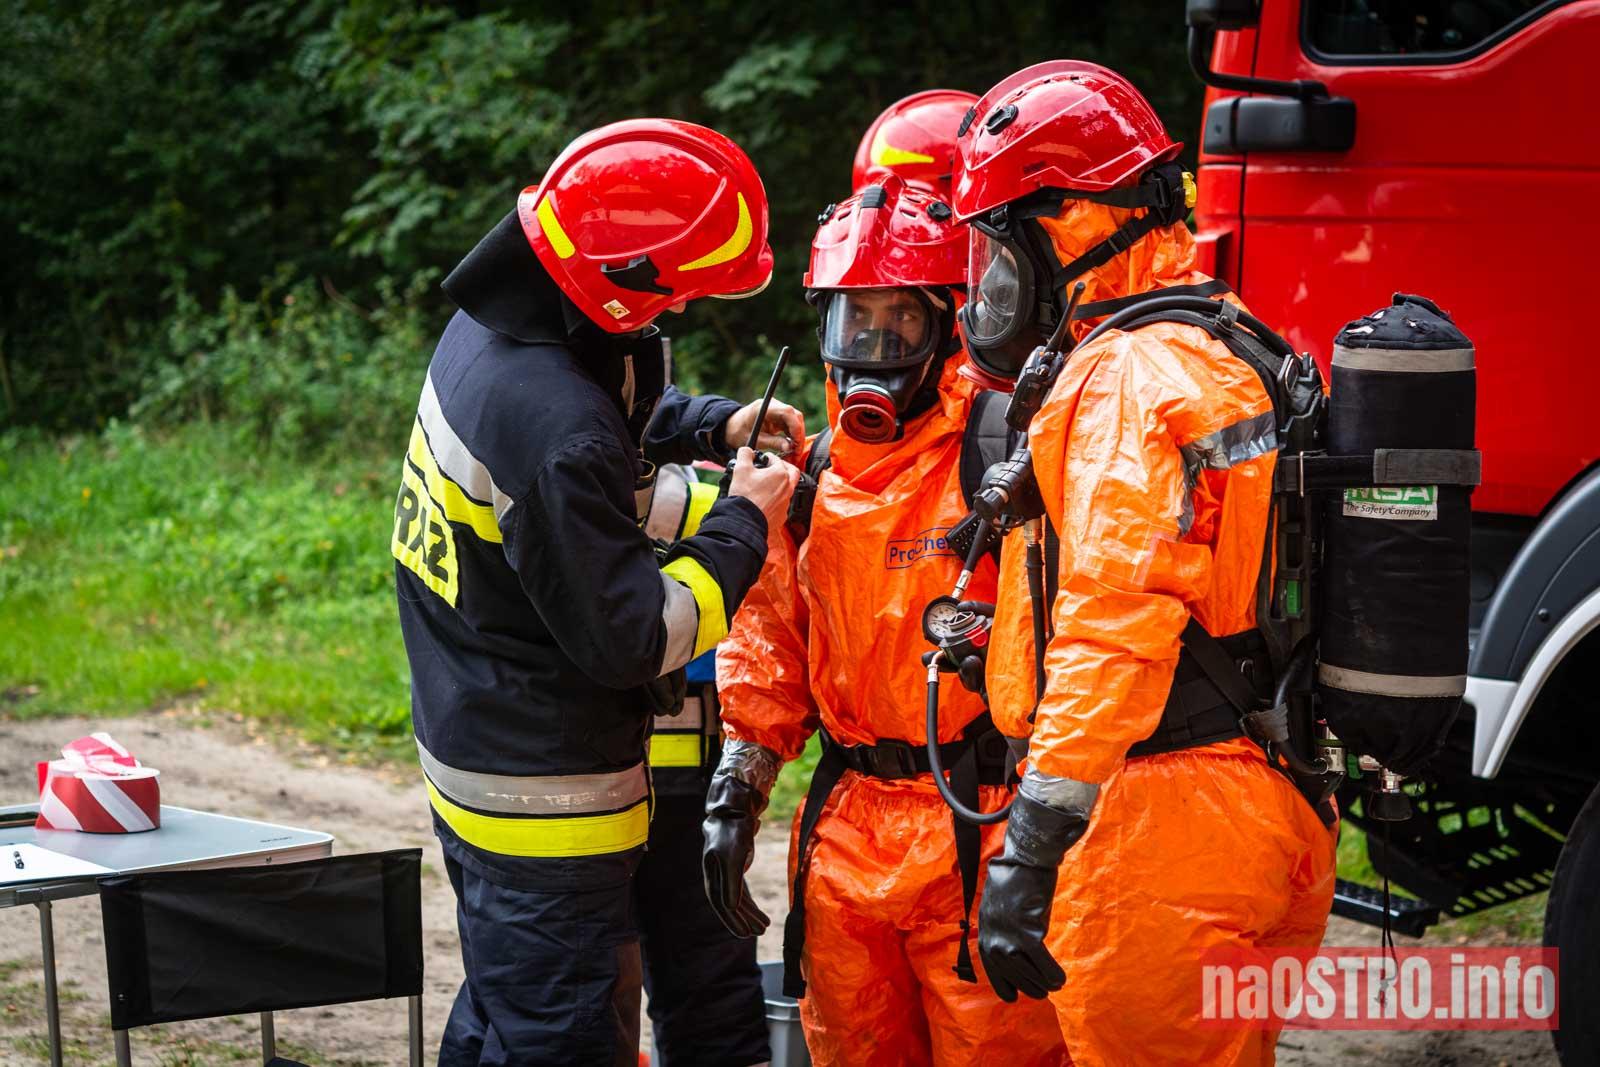 NaOSTROinfo Ćwiczenia Straży Pożarnej-47